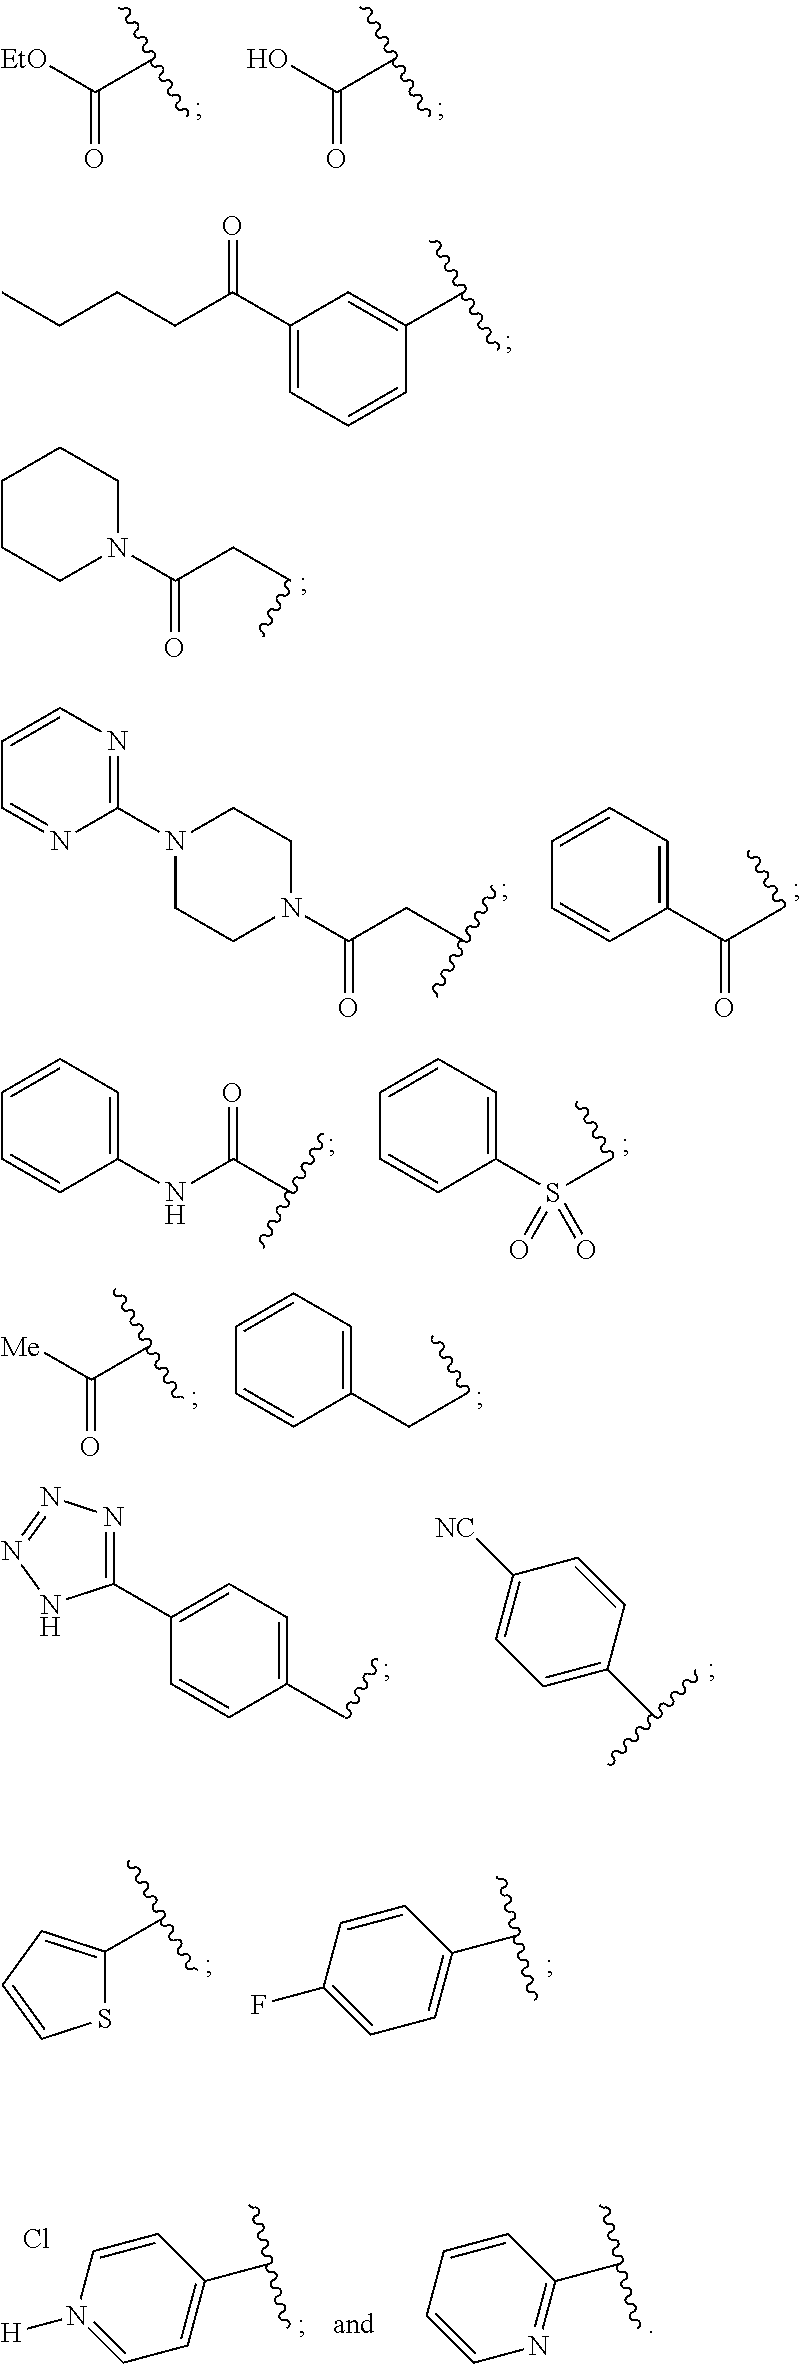 Figure US09566289-20170214-C00020